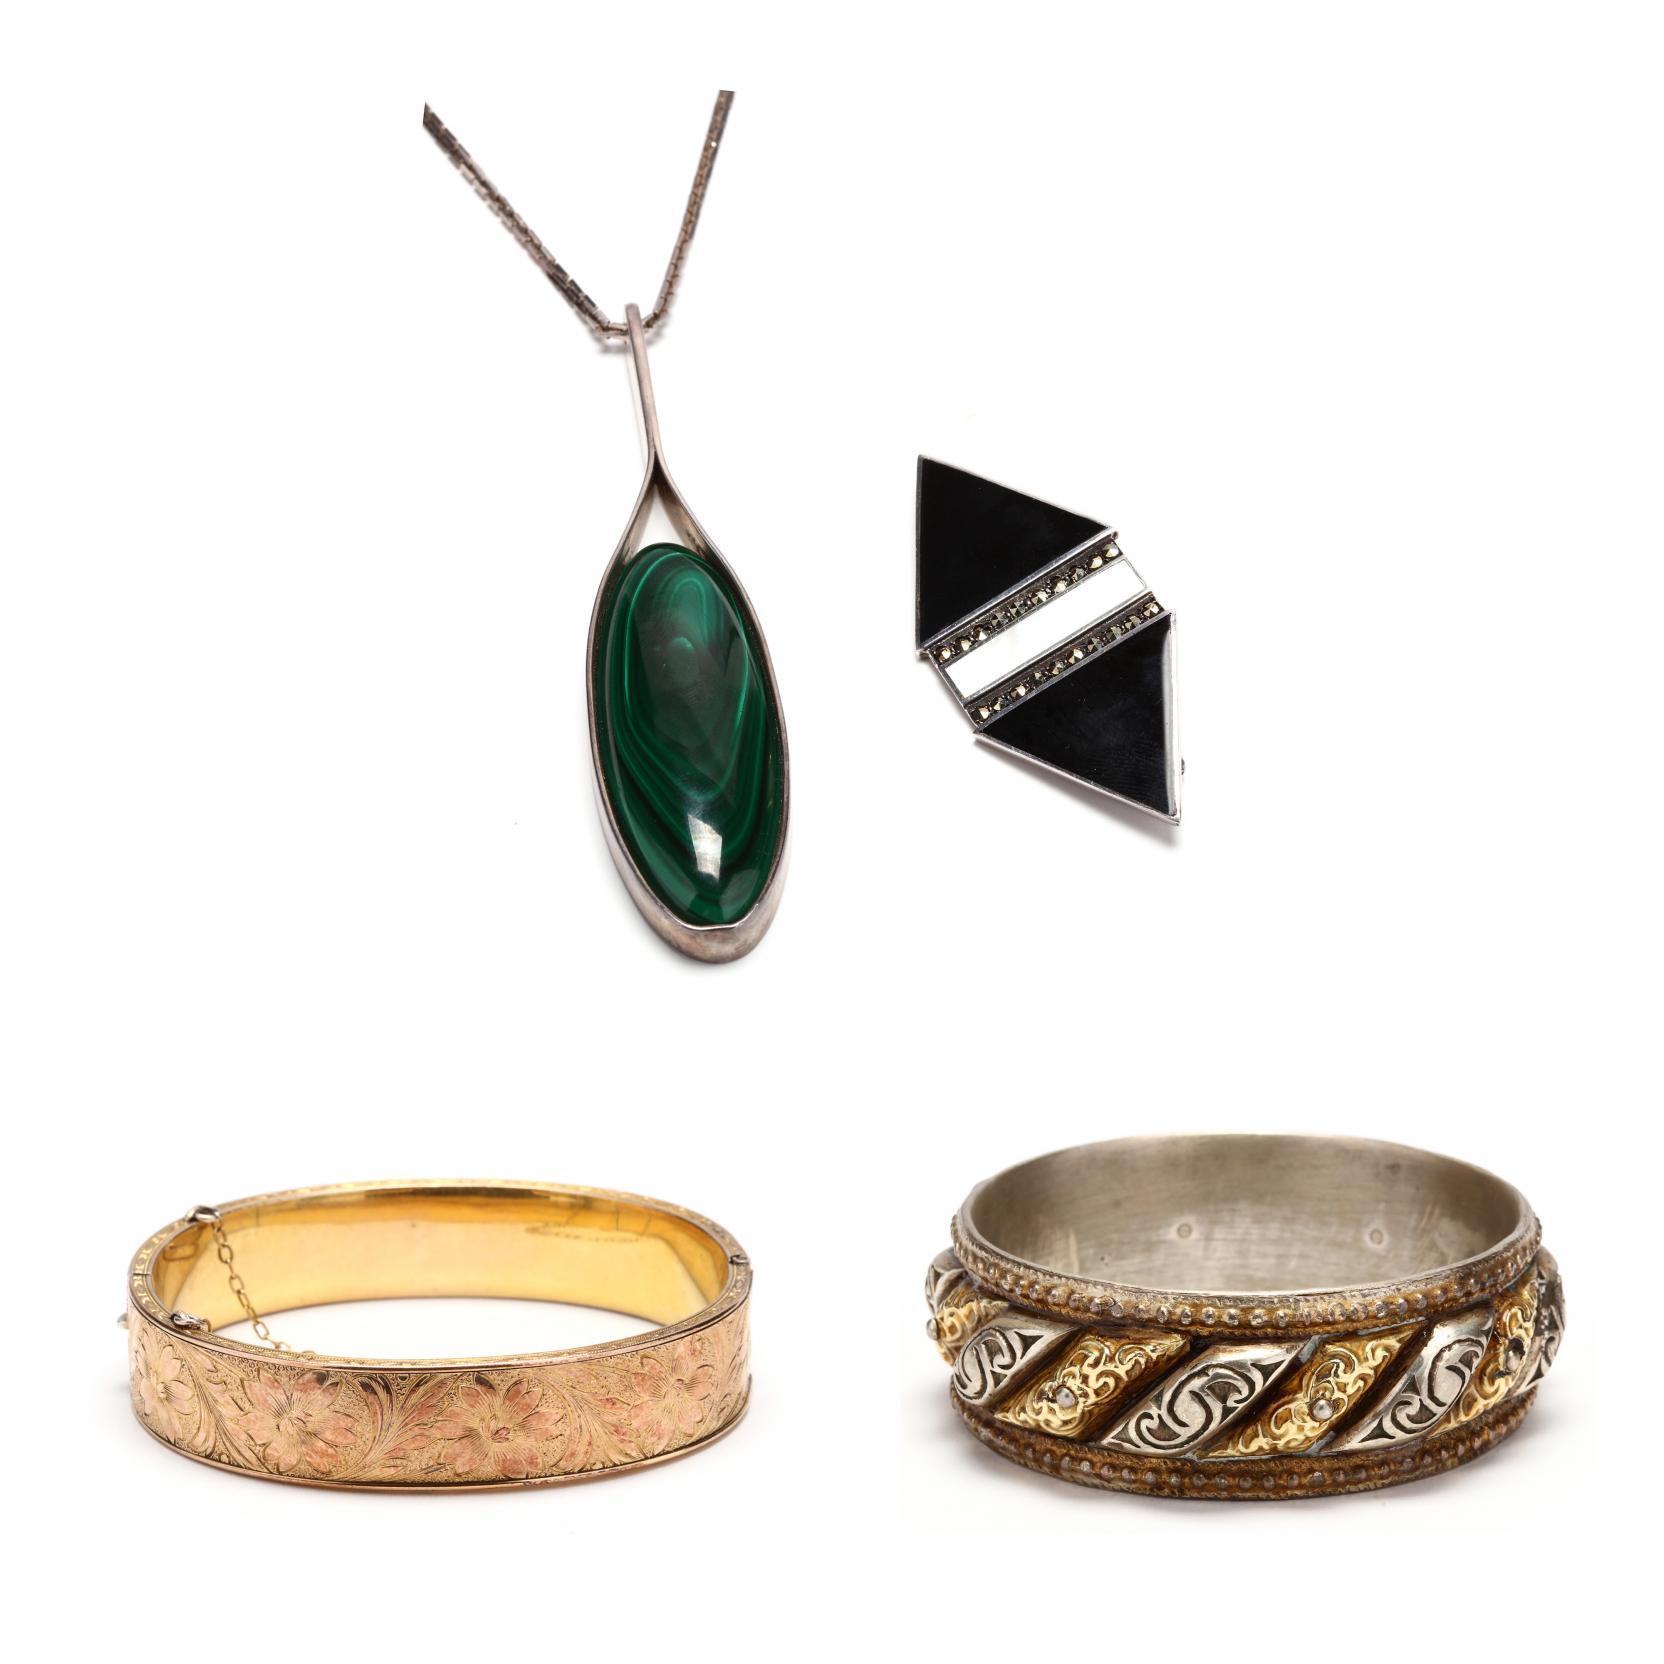 four-jewelry-items